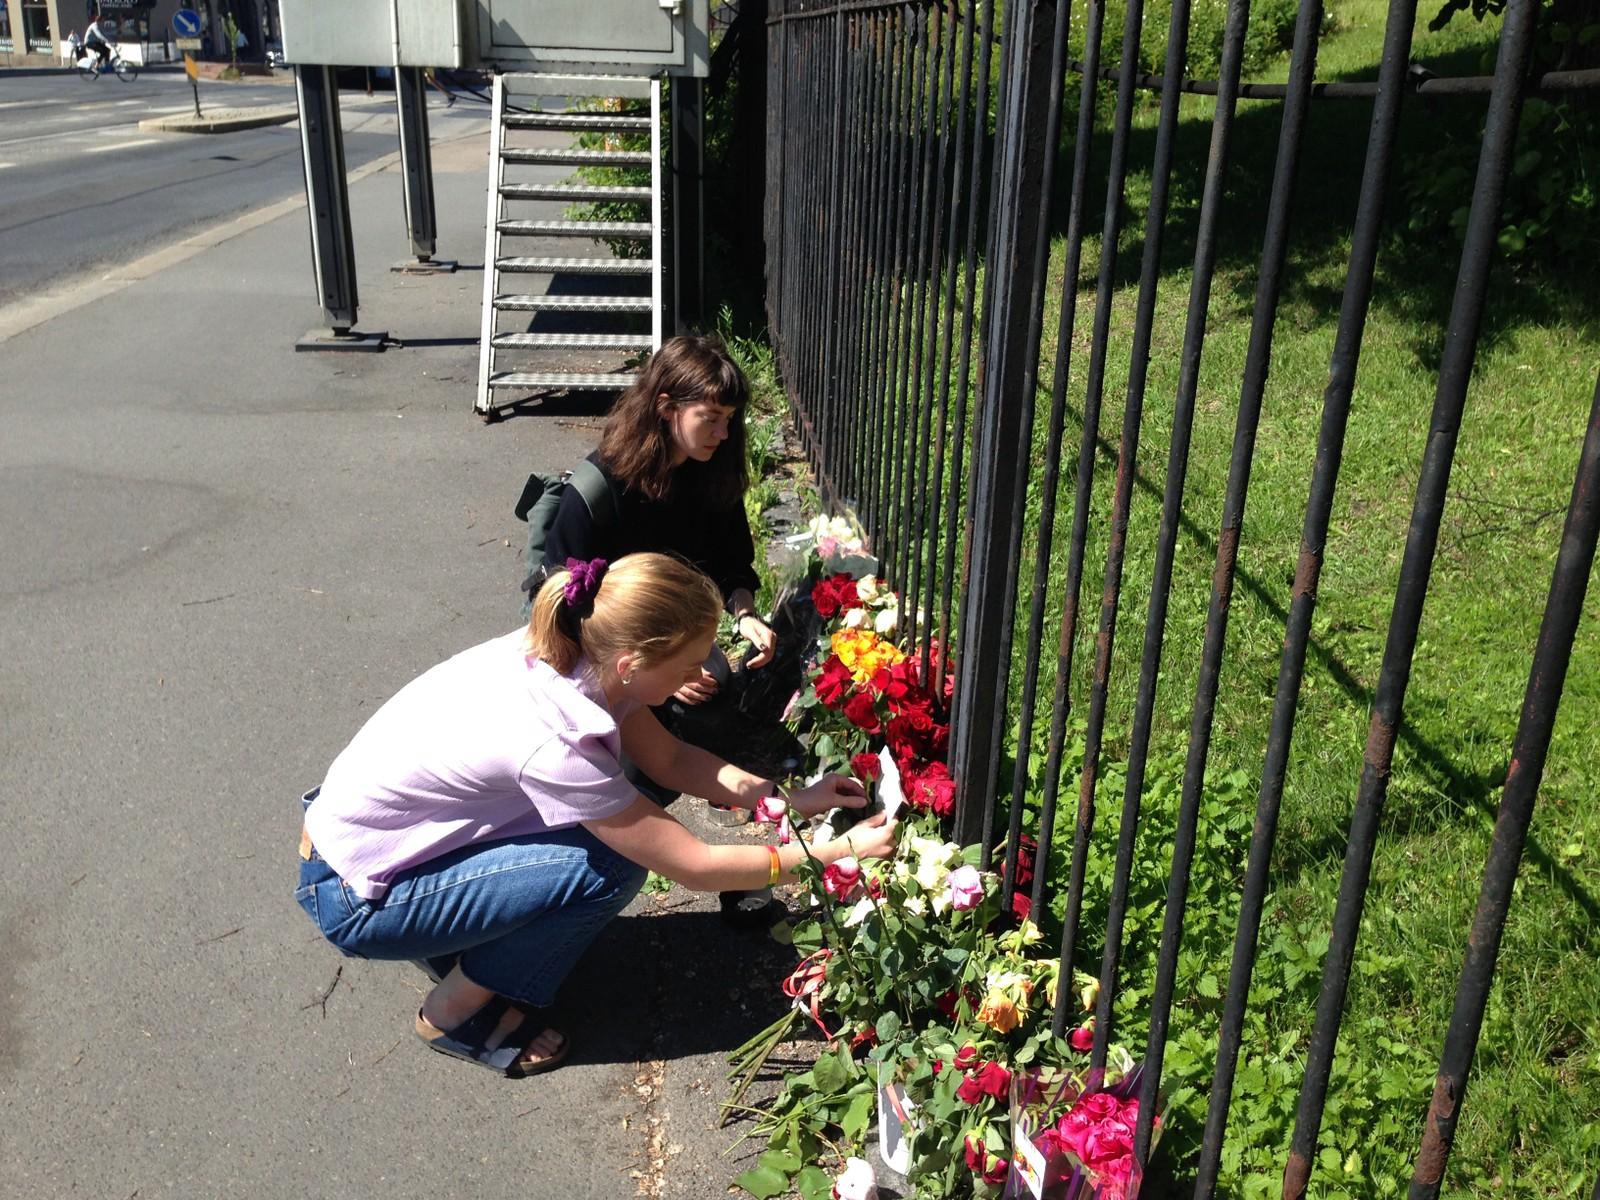 NORGE: Mandag morgen viste mennesker sin støtte ved å legge ned blomster utenfor USAs ambassade i Oslo.